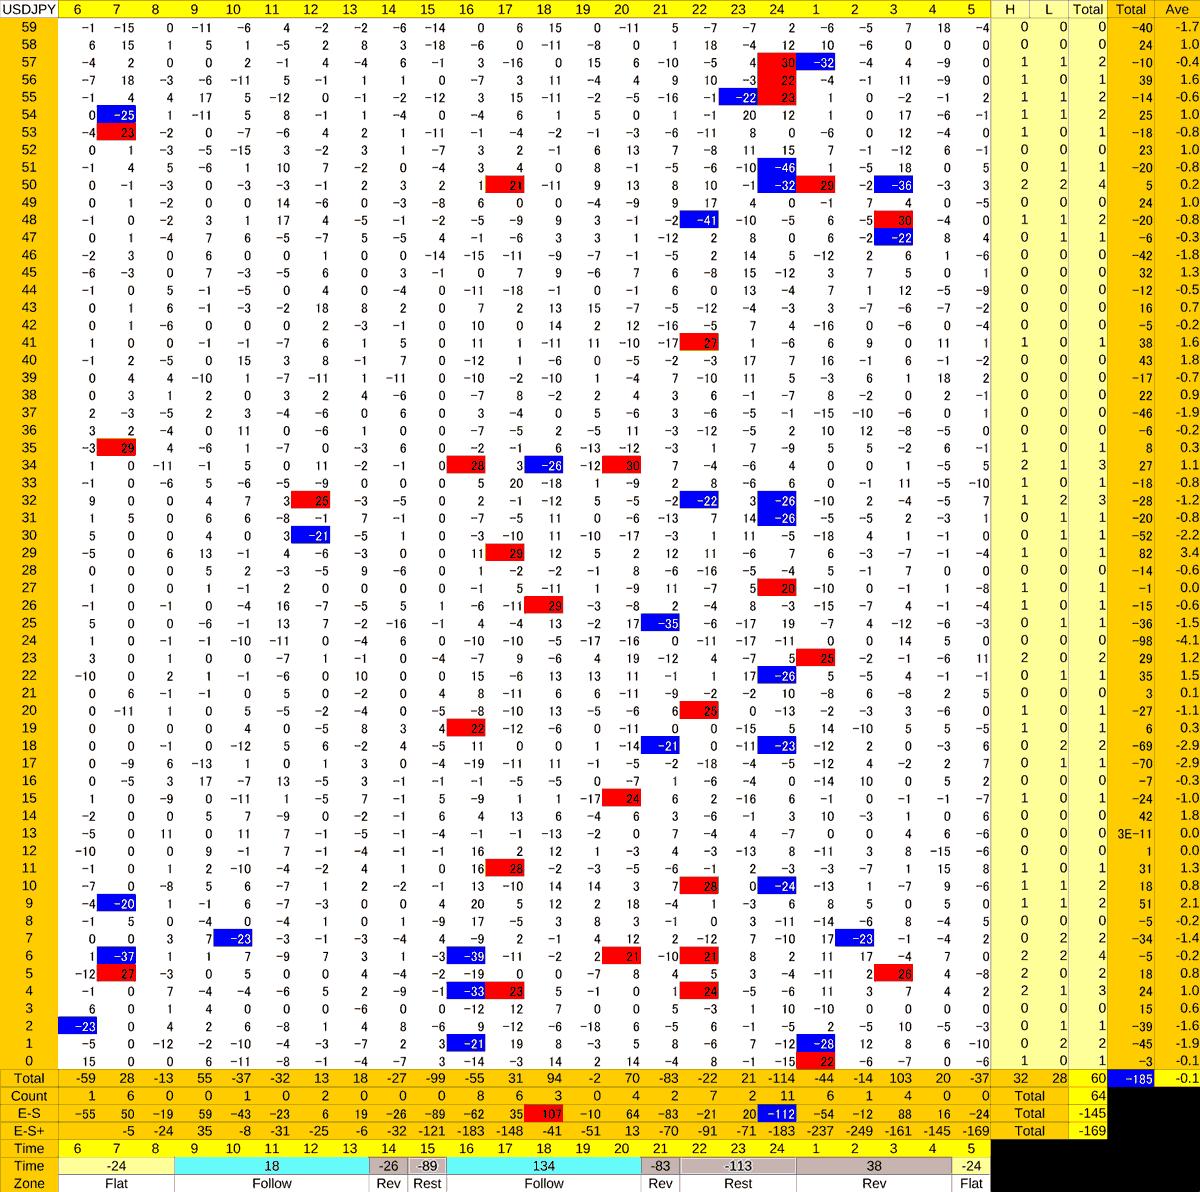 20201103_HS(1)USDJPY